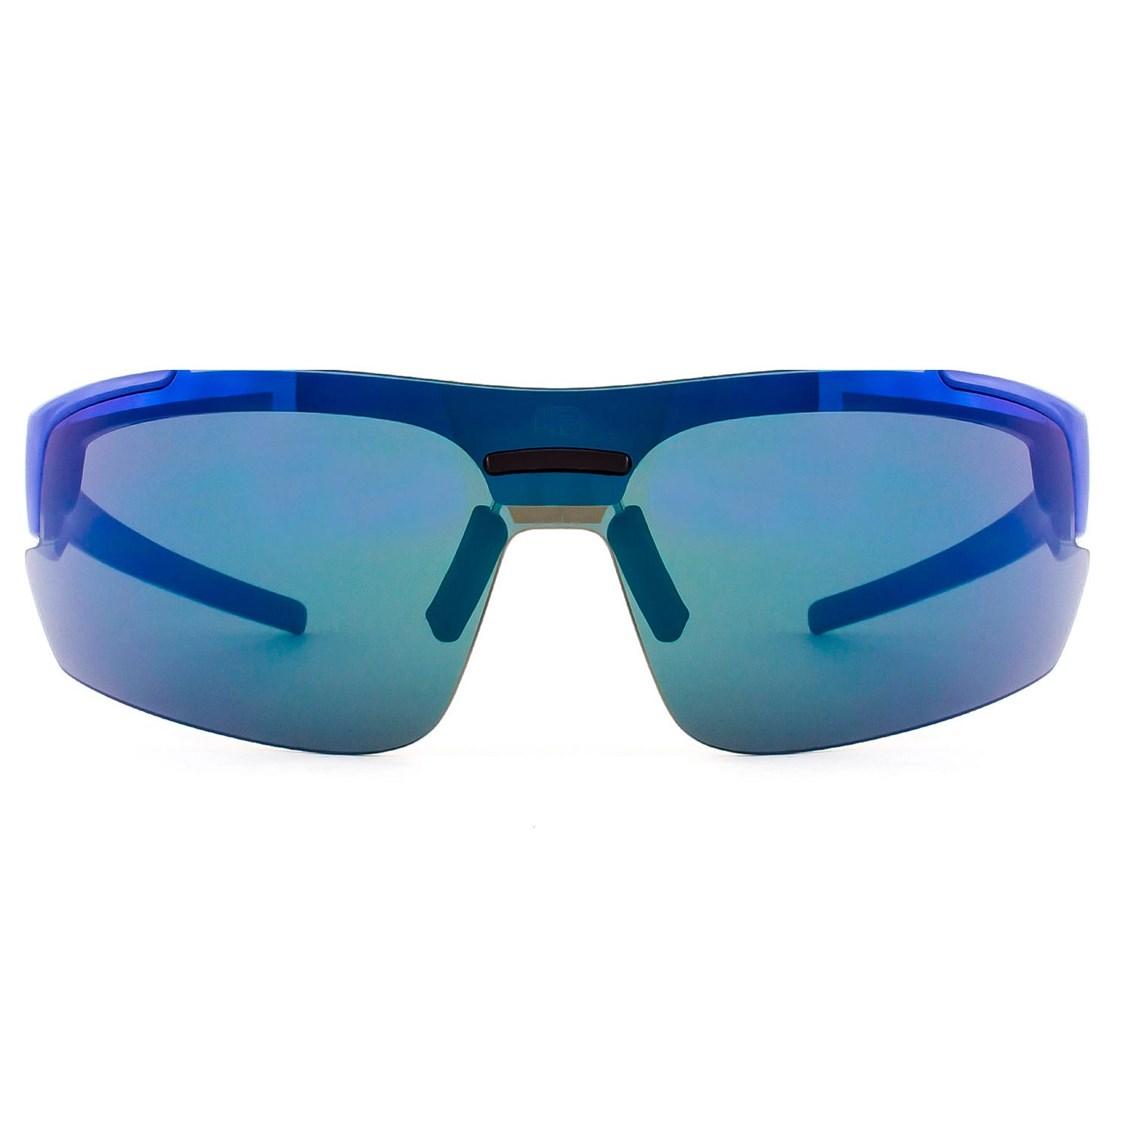 Óculos de Sol HB Highlander 3B TK 2016 90135 295/87-Único